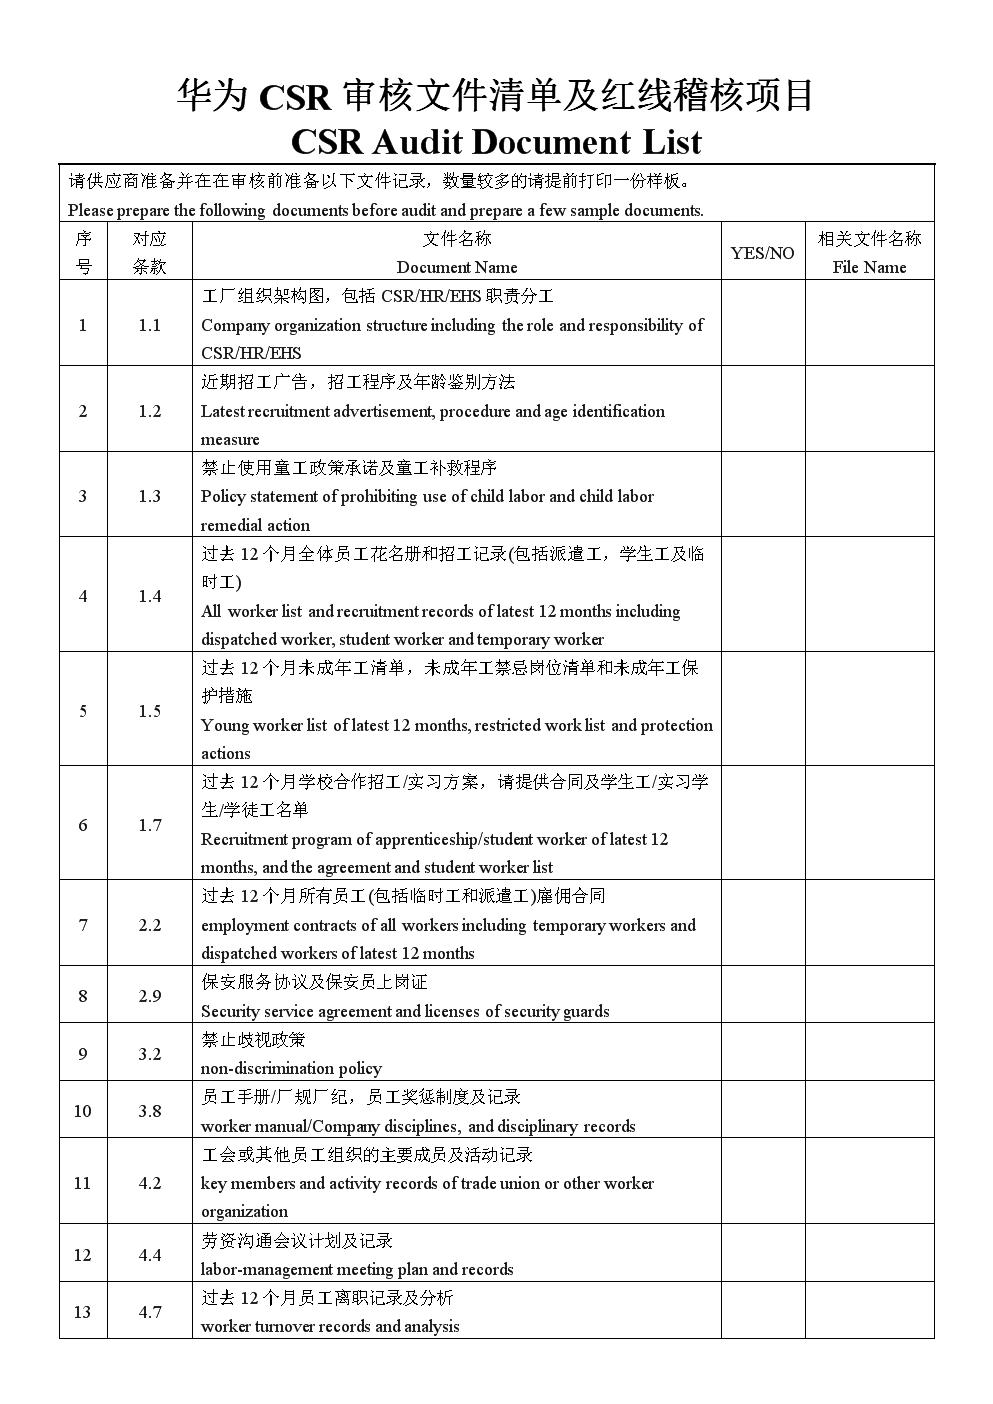 2019年华为CSR审核文件清单及红线稽核项目CSR Audit Document List.doc